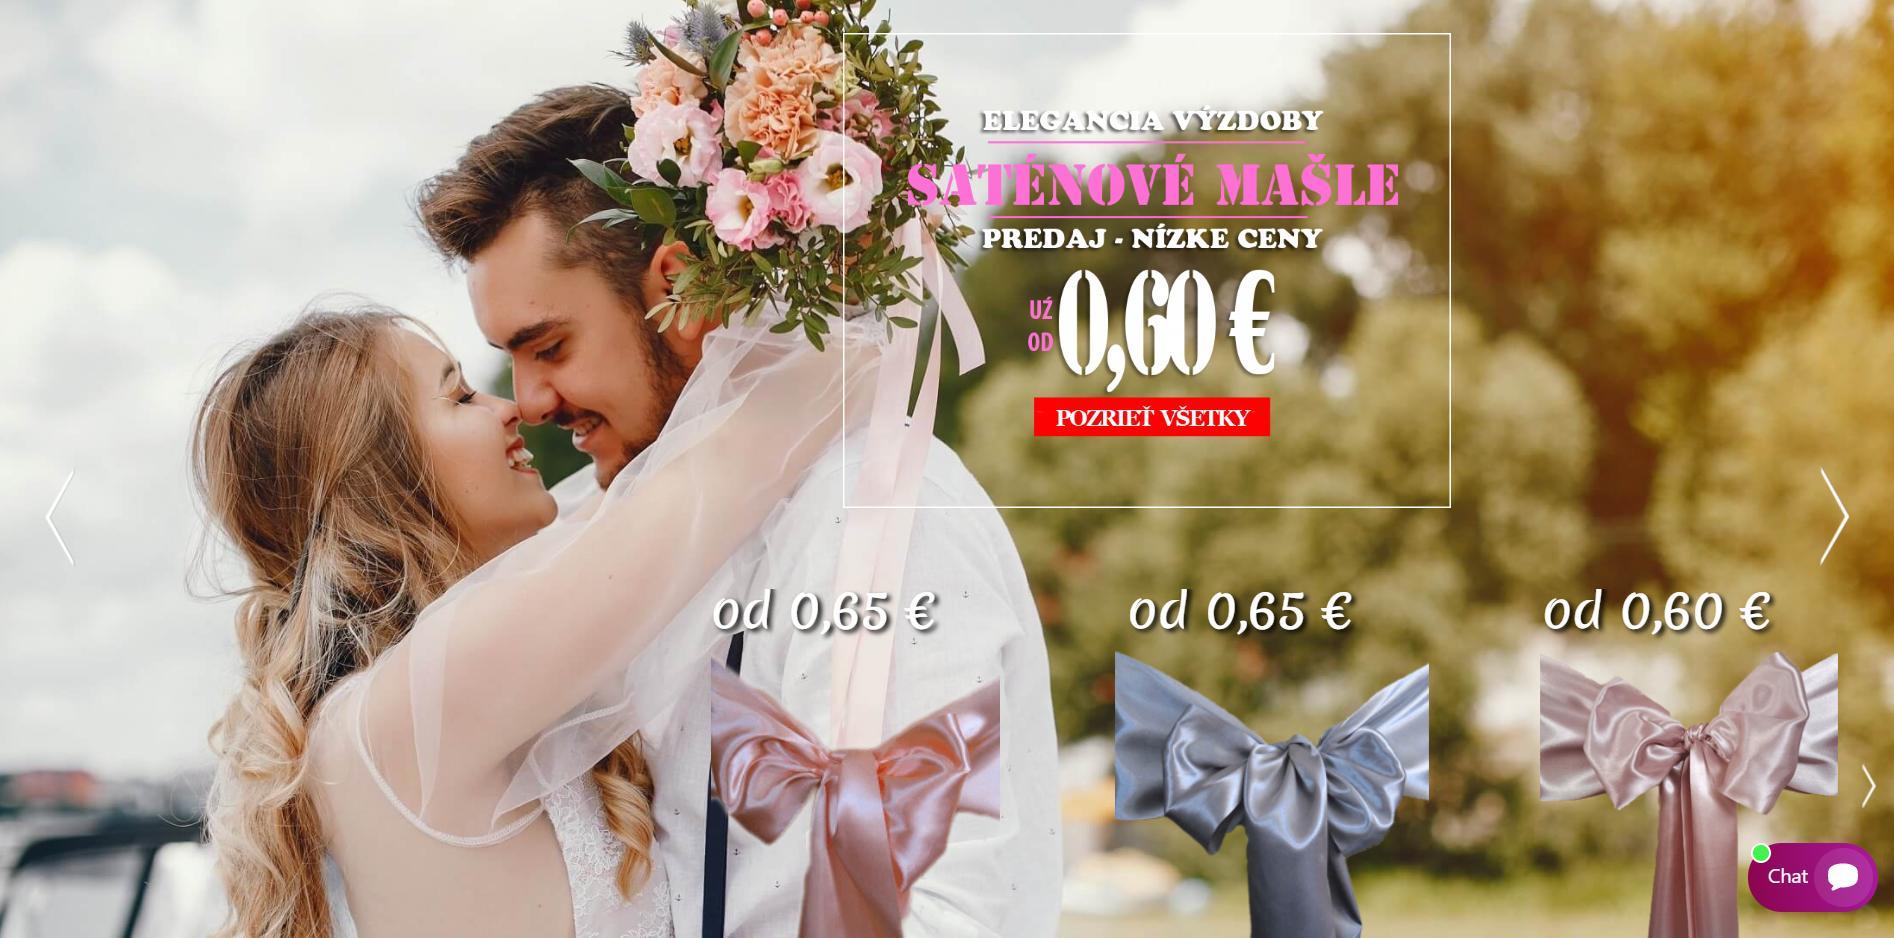 Milé nevesty a agentúry, v našom eshope https://evkakvety-eshop.eu/ nájdete dekoračné materiály za nízke ceny. Napríklad saténové mašle - predaj už od 0,60€. ;-) - Obrázok č. 1